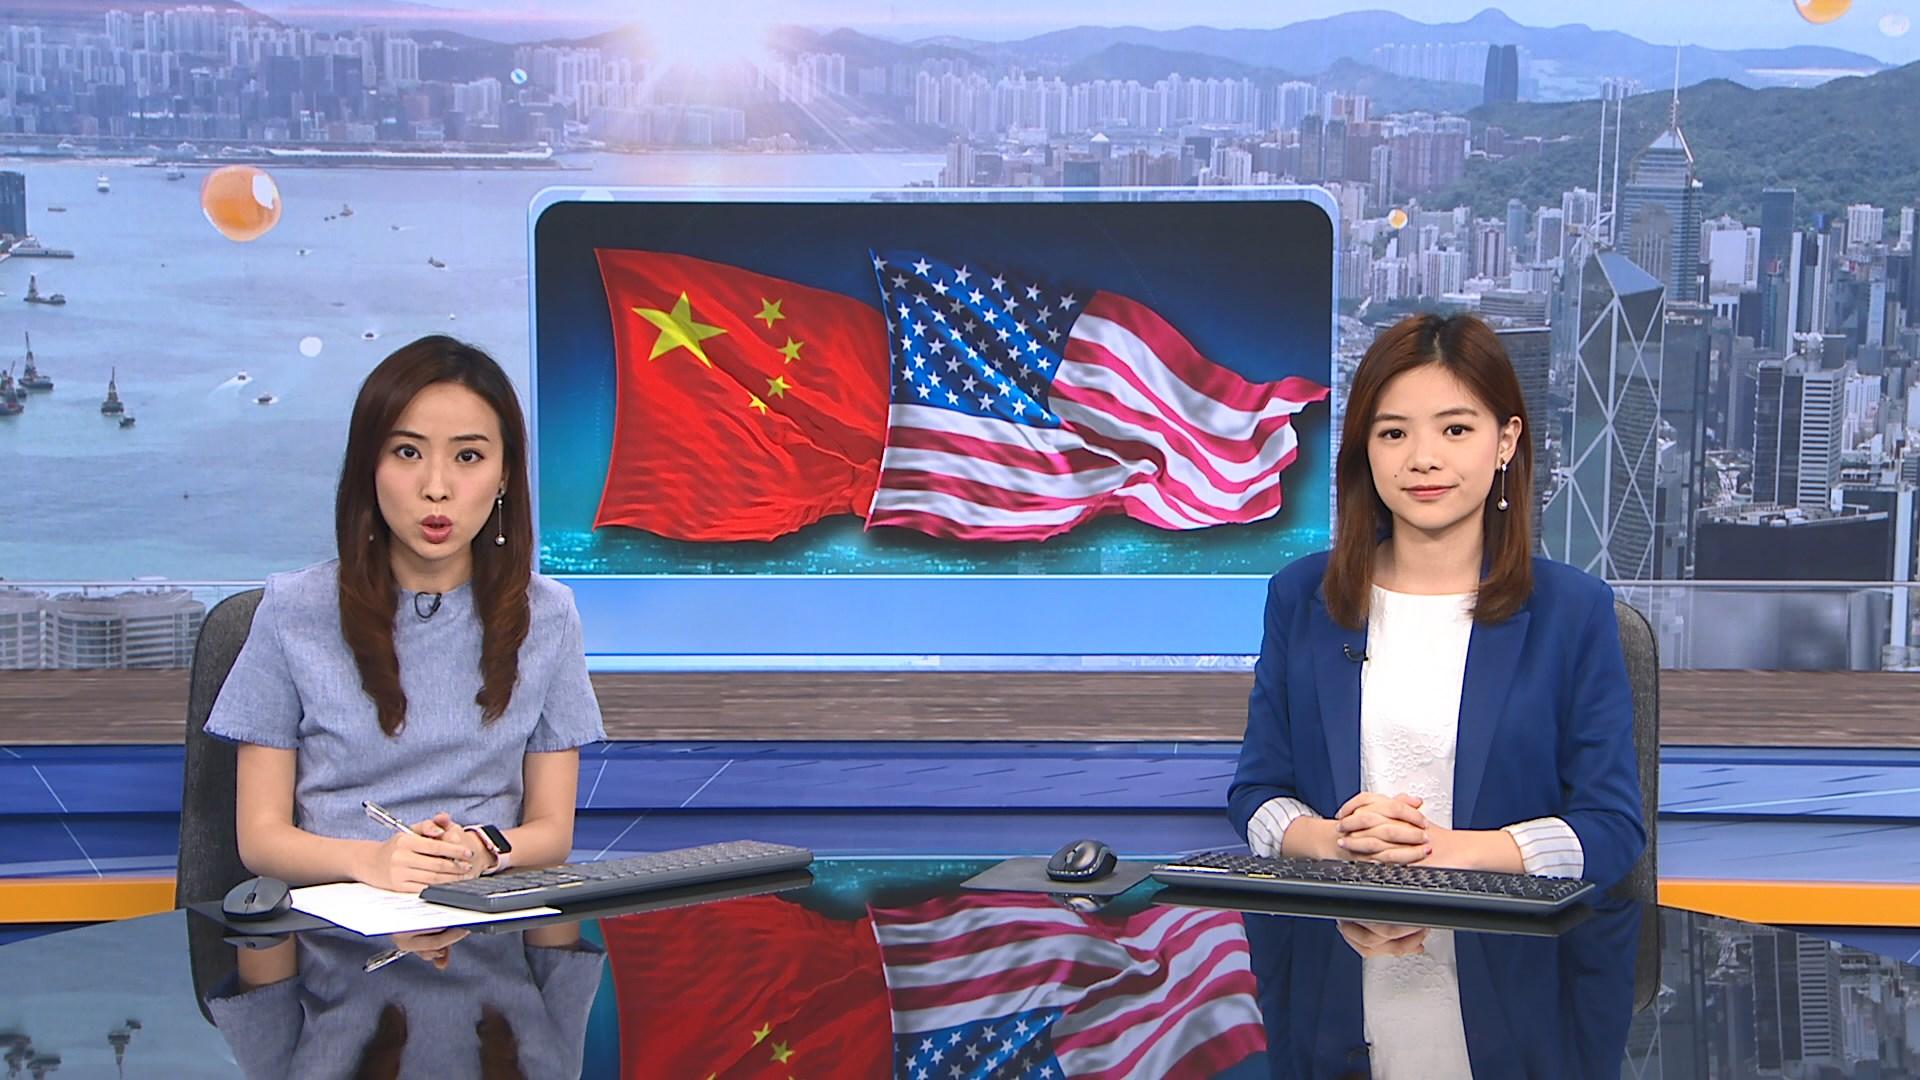 美國就新疆問題限制中國政府及中共官員簽證